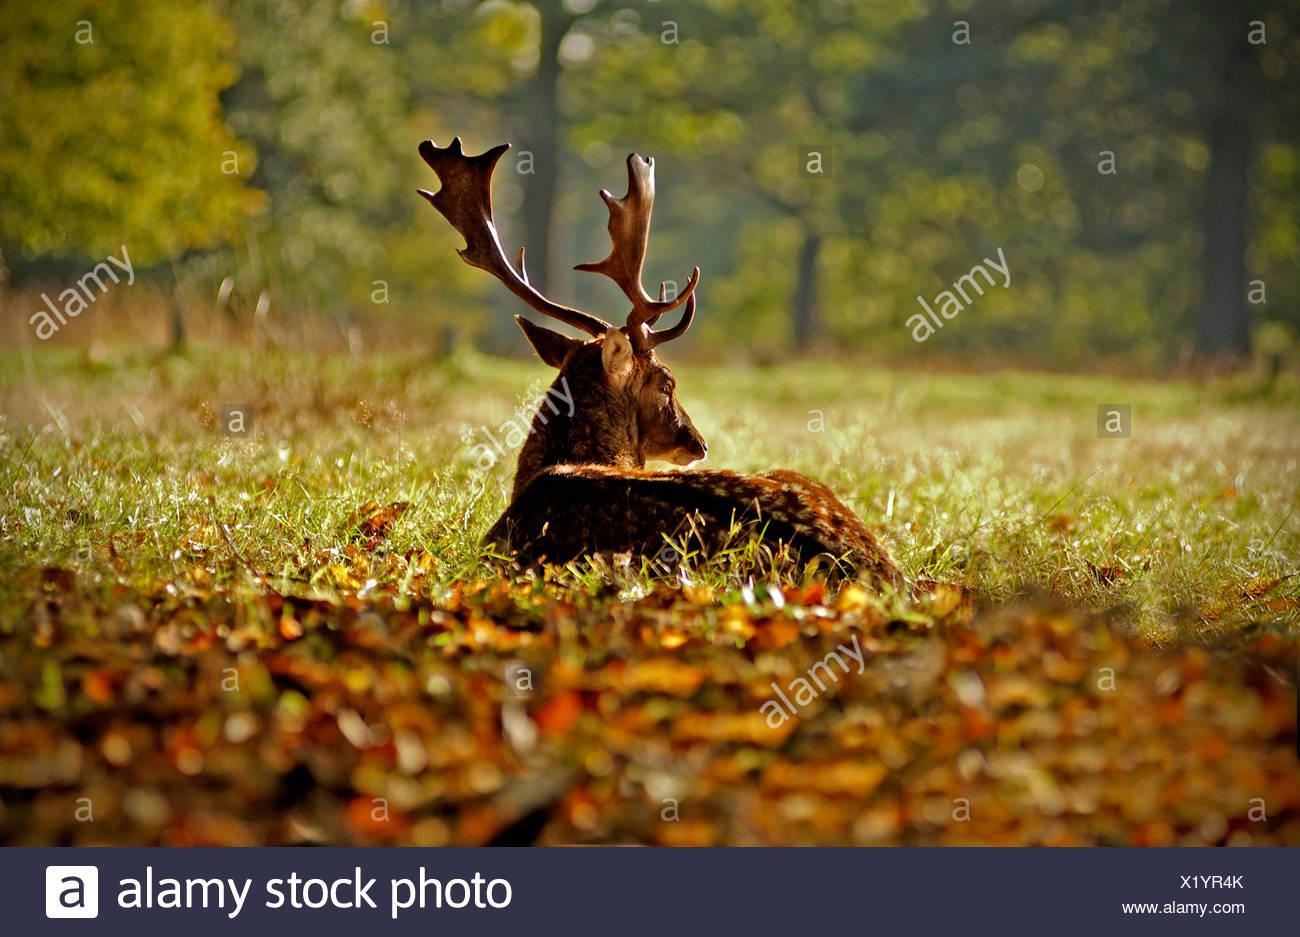 Deer relaxing in grass Photo Stock